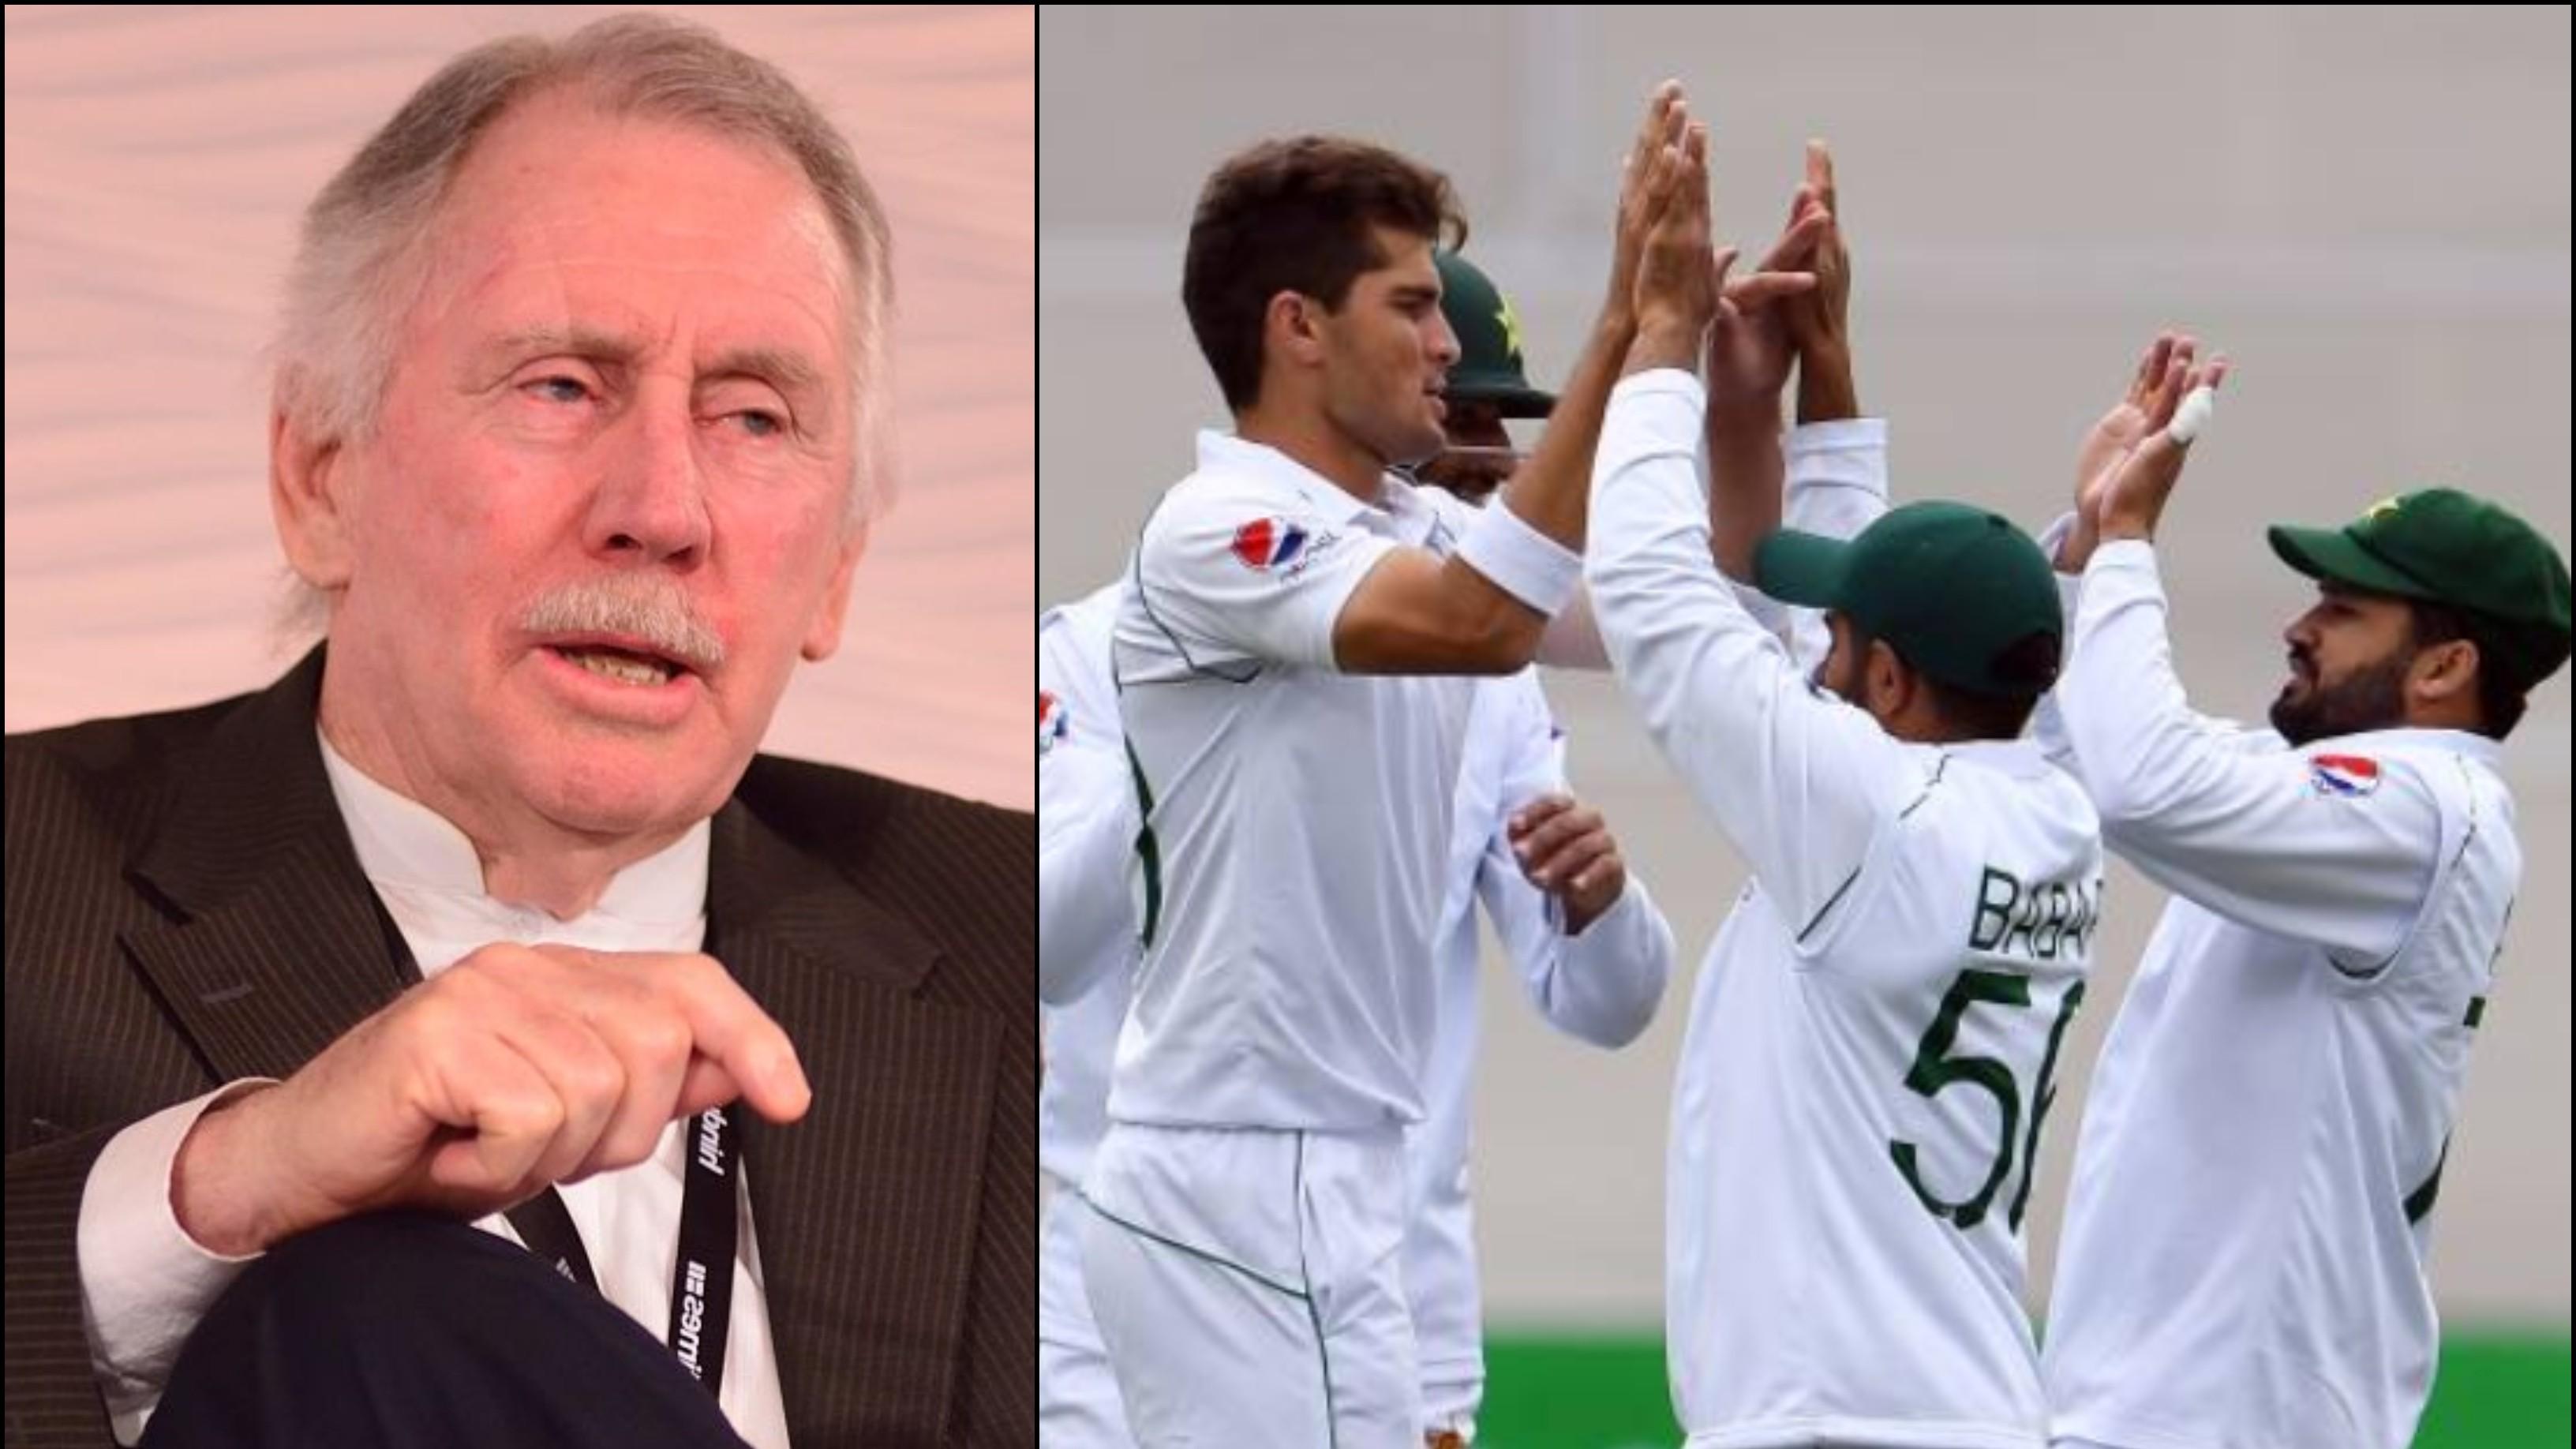 ऑस्ट्रेलिया के खिलाफ एक और सीरीज हार के बाद इयान चैपल ने पाकिस्तानी टीम को लगाई फटकार